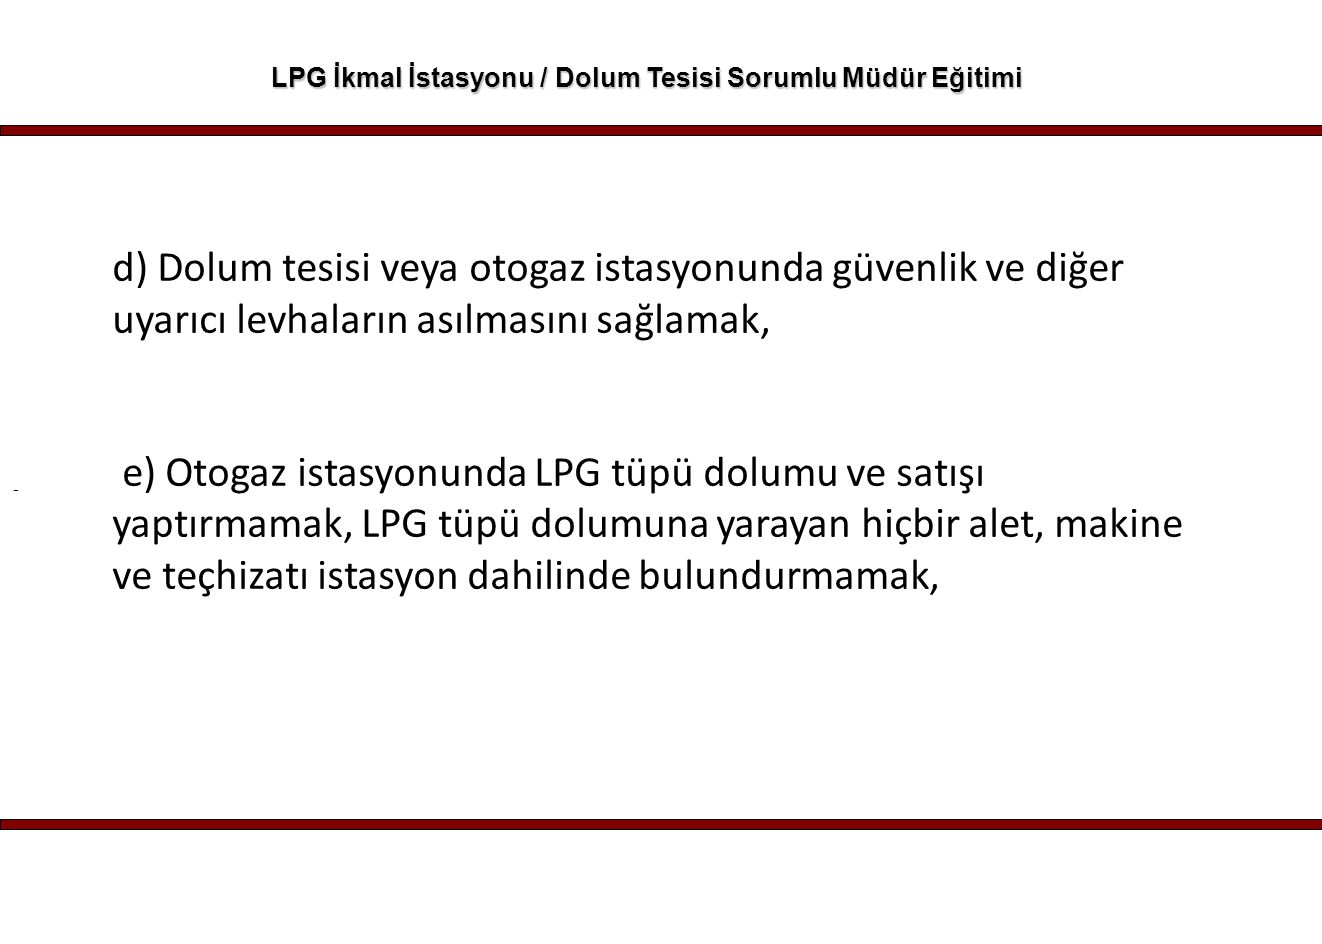 - LPG İkmal İstasyonu / Dolum Tesisi Sorumlu Müdür Eğitimi üyenin çalışacağı LPG Otogaz İstasyonu veya Dolum Tesisleri ile yapacağı her bir sözleşme ile birlikte Oda'ya başvurması halinde üyeye LPG Otogaz İstasyonu veya Dolum Tesisi Sorumlu Müdür Belgesi verilecektir.